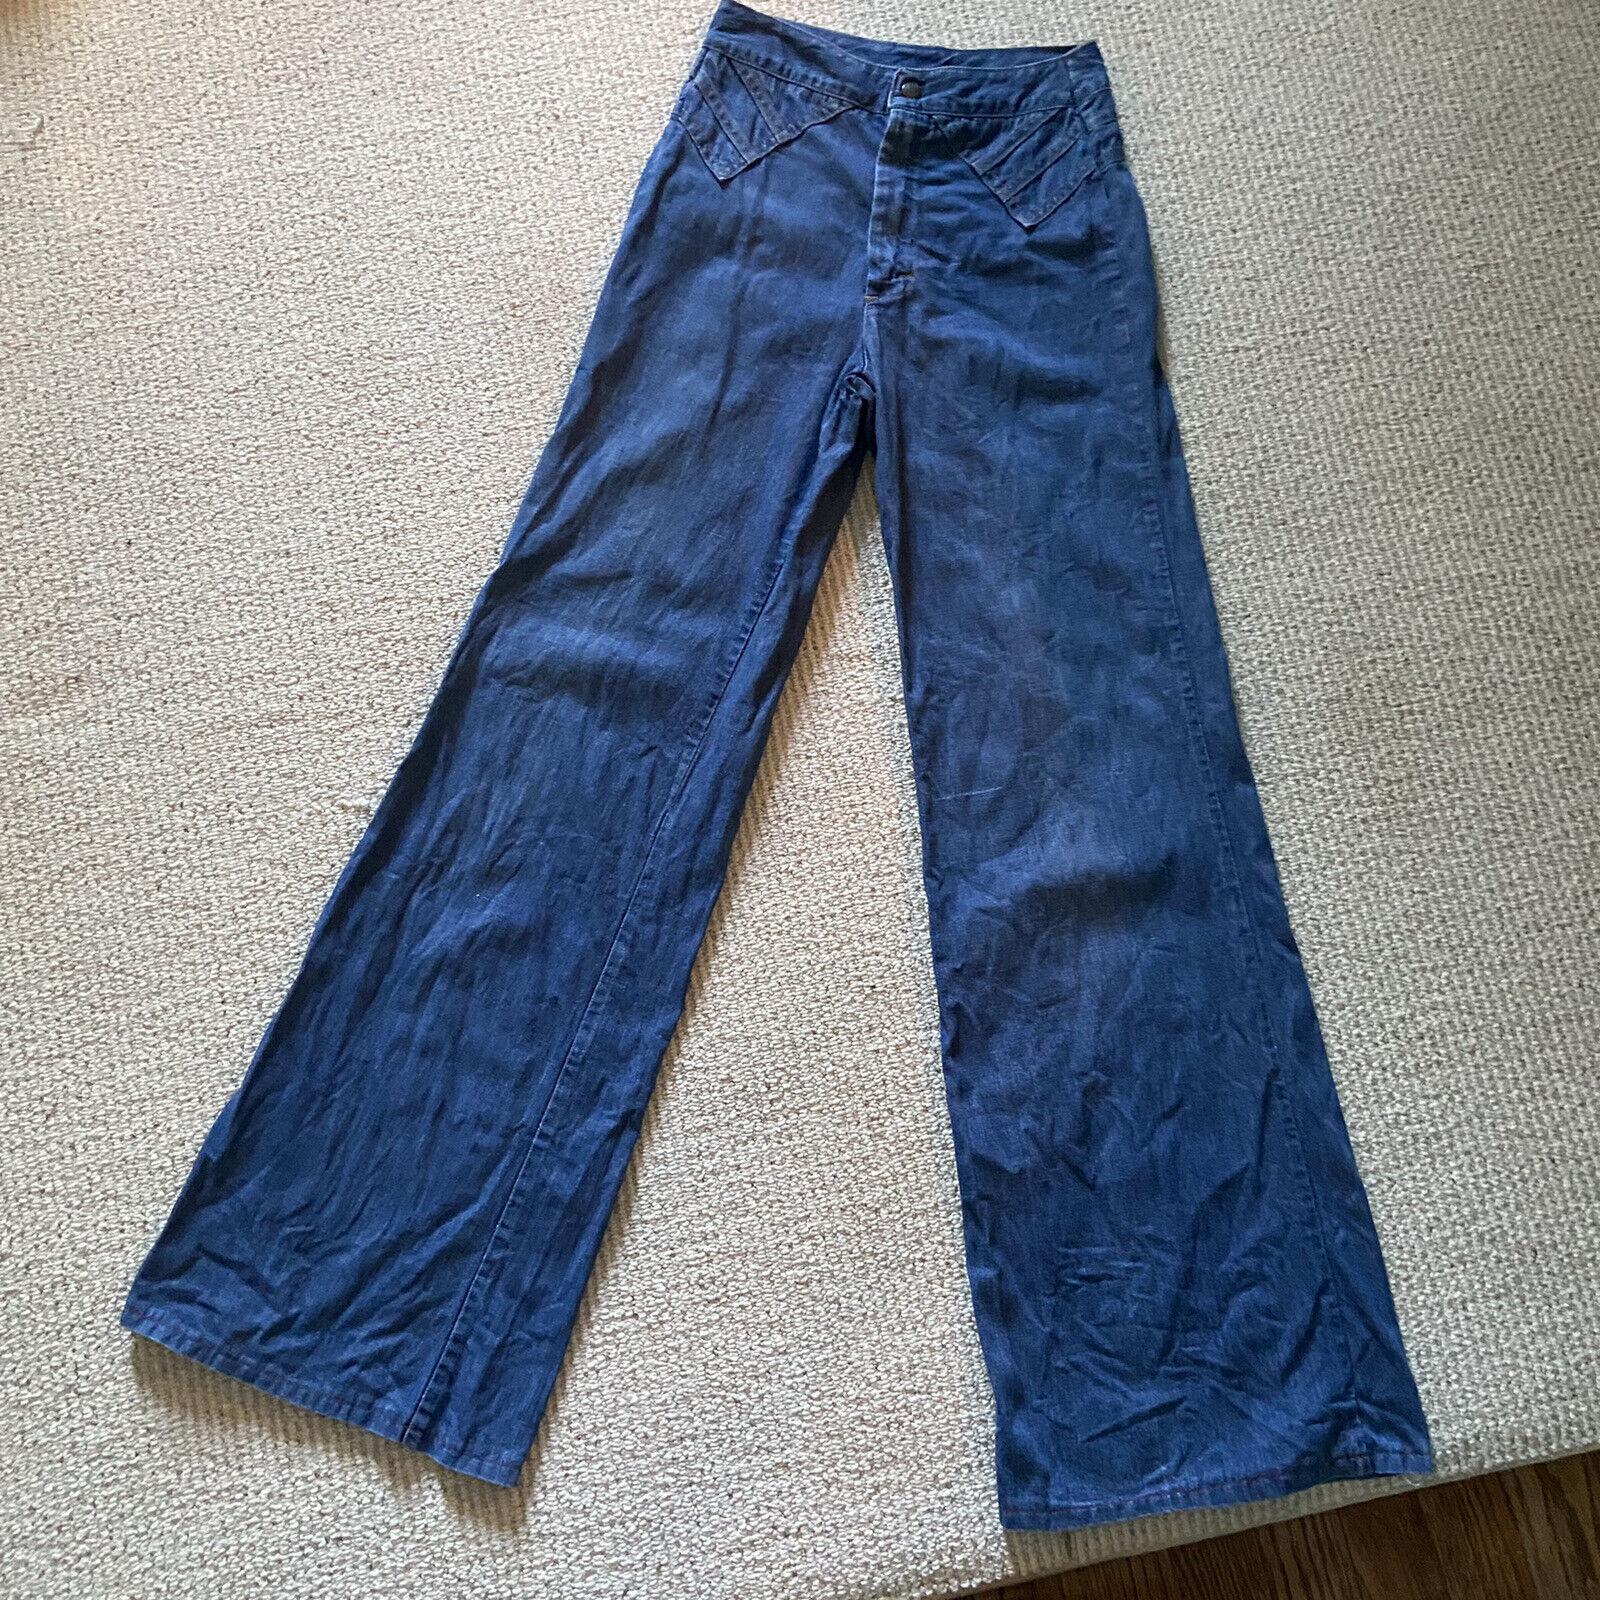 landlubber jeans 70's Vintage Women's 23/24 Perfe… - image 1